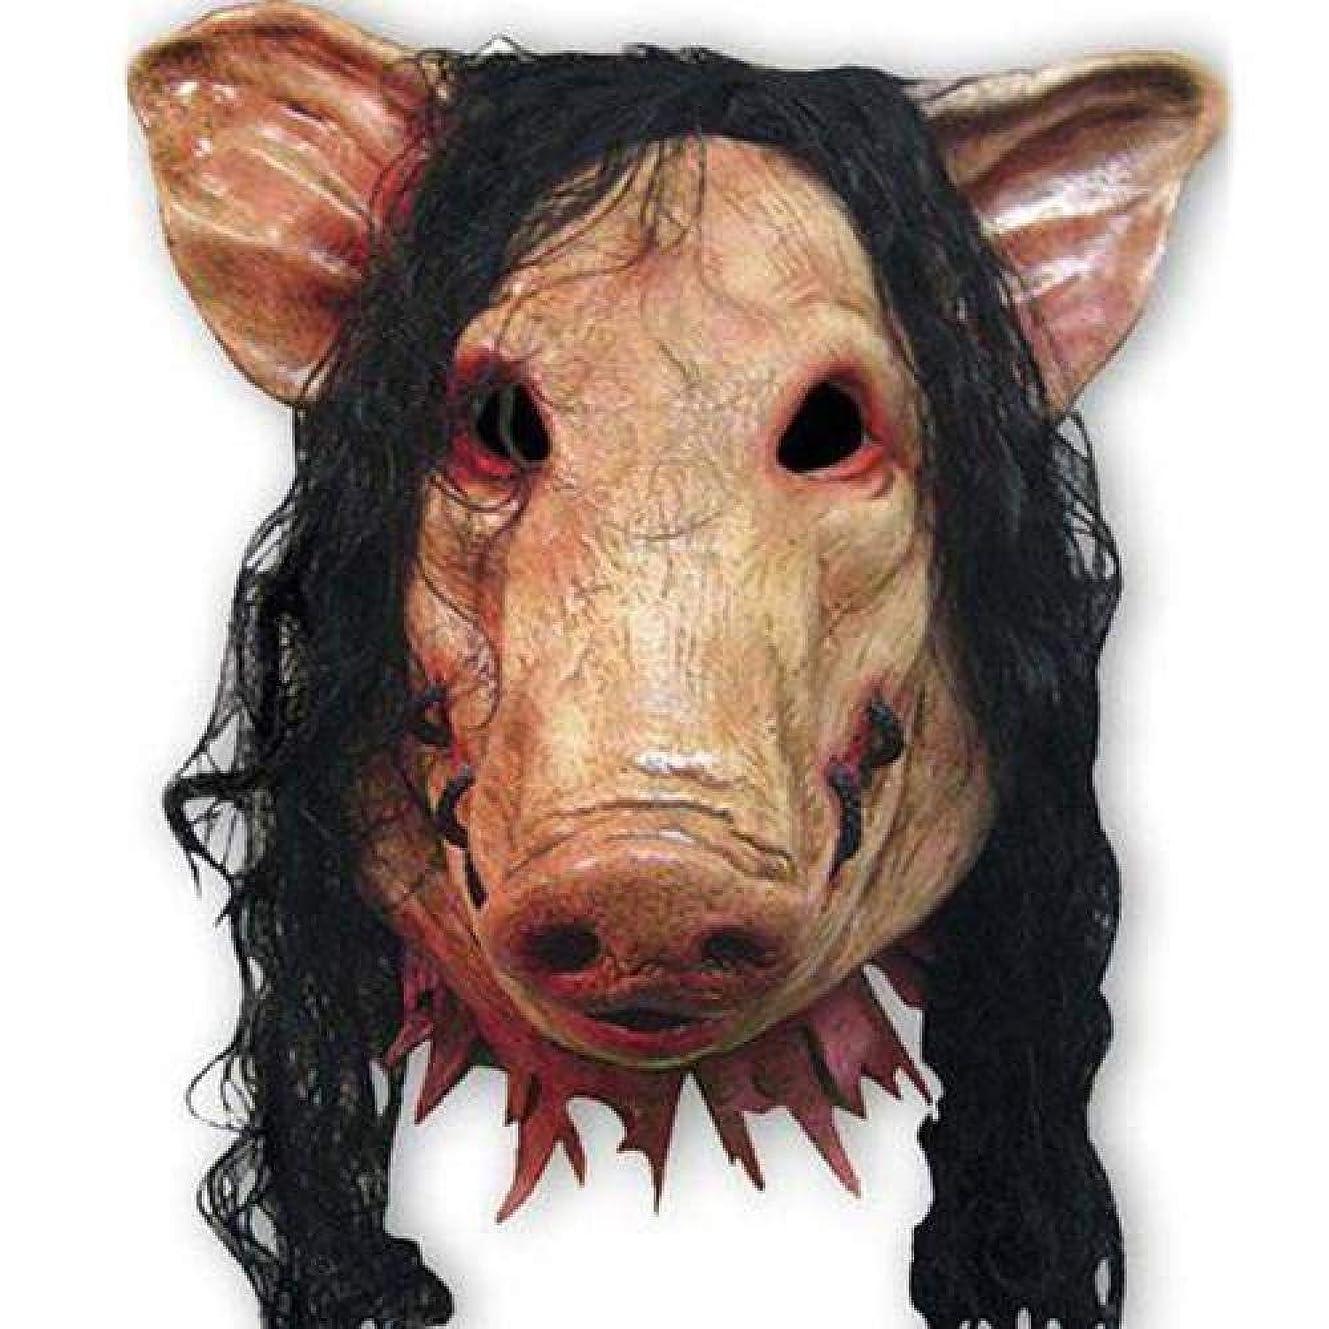 静脈折り目ポンプラテックス豚マスク-ハロウィンコスチュームボールコスチュームコスプレ、ユニセックス怖いマスク豚